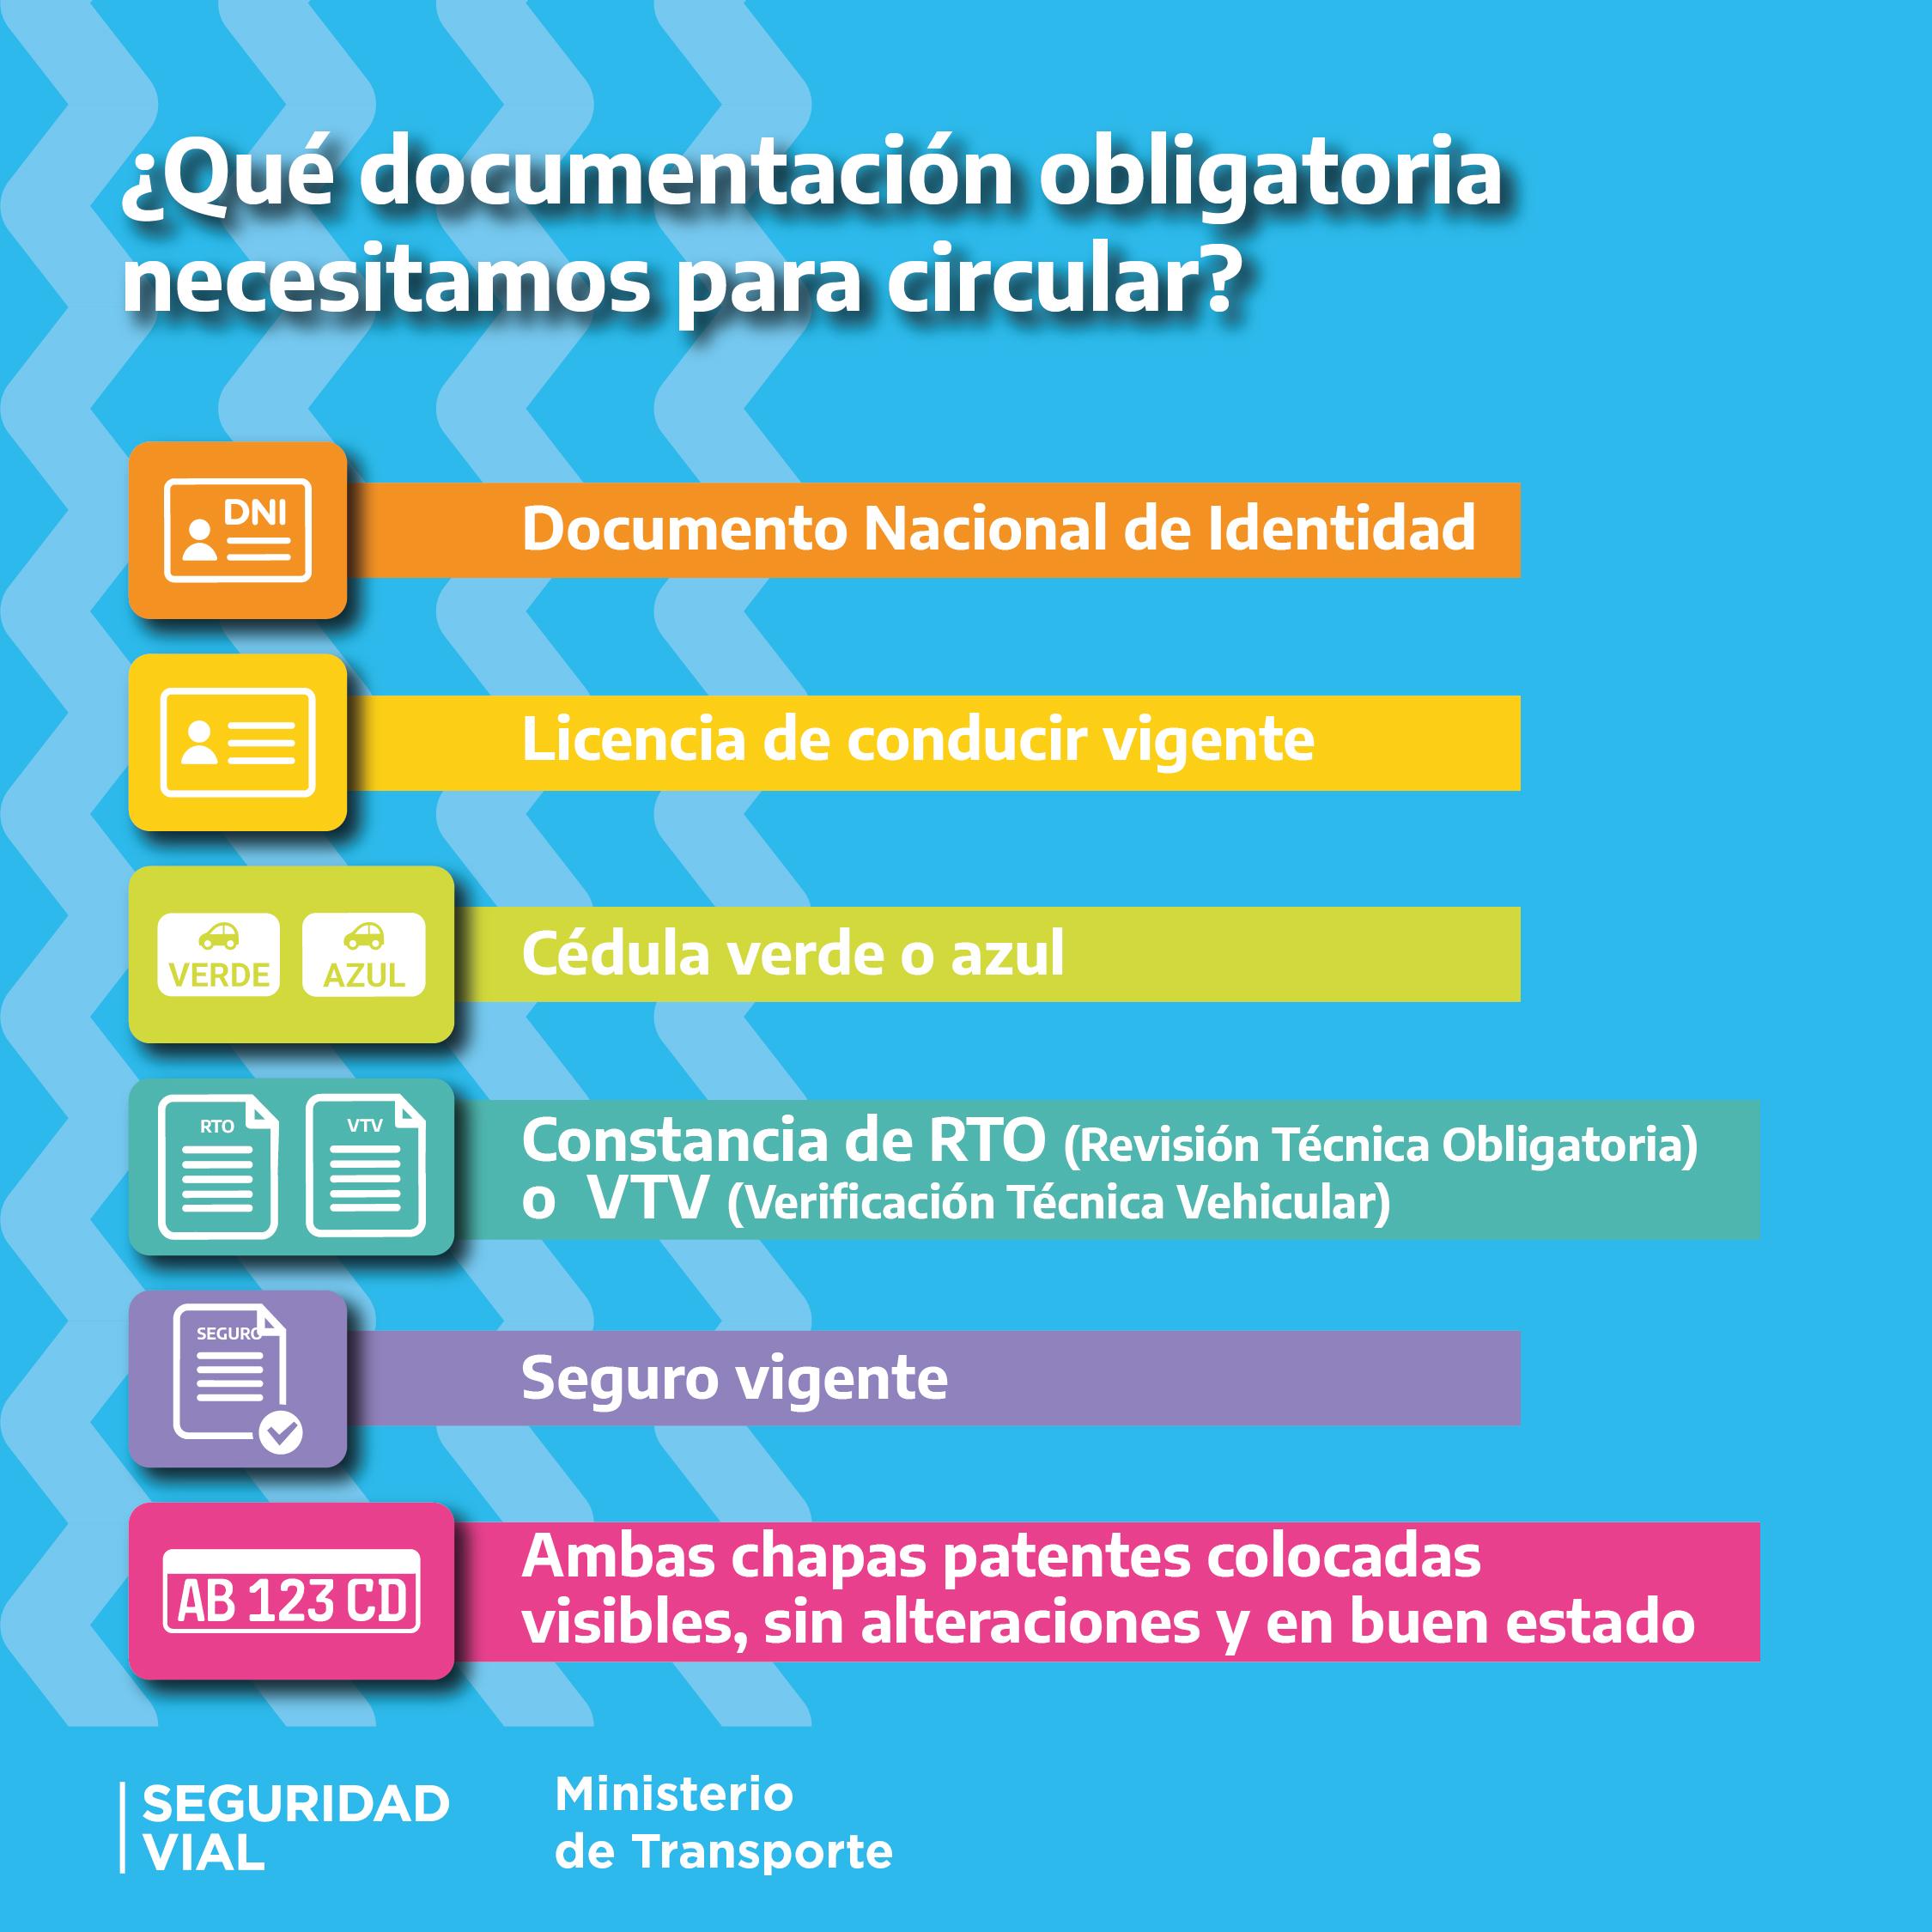 ¿Qué documentación obligatoria necesitamos para circular?